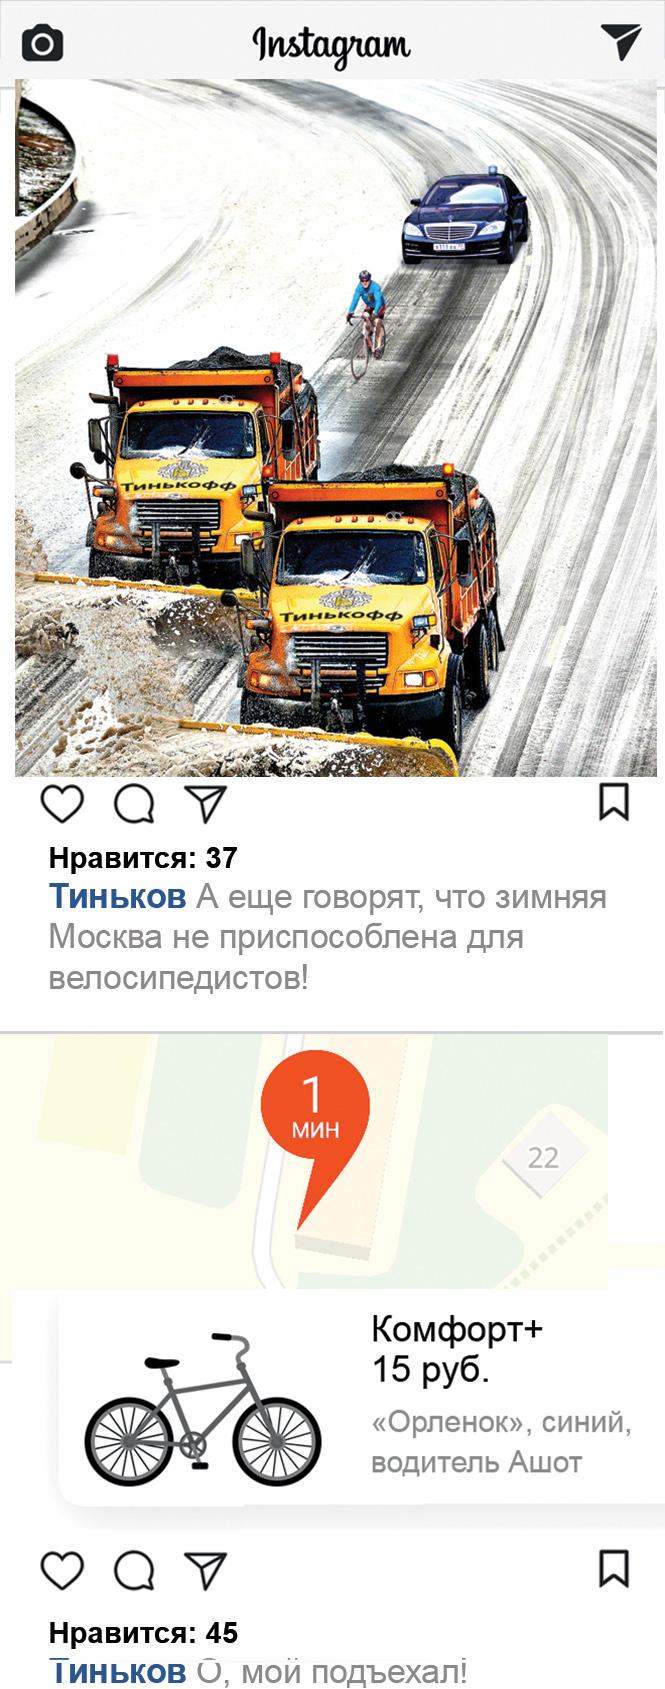 Фото №4 - Что творится на экране компьютера  Олега Тинькова